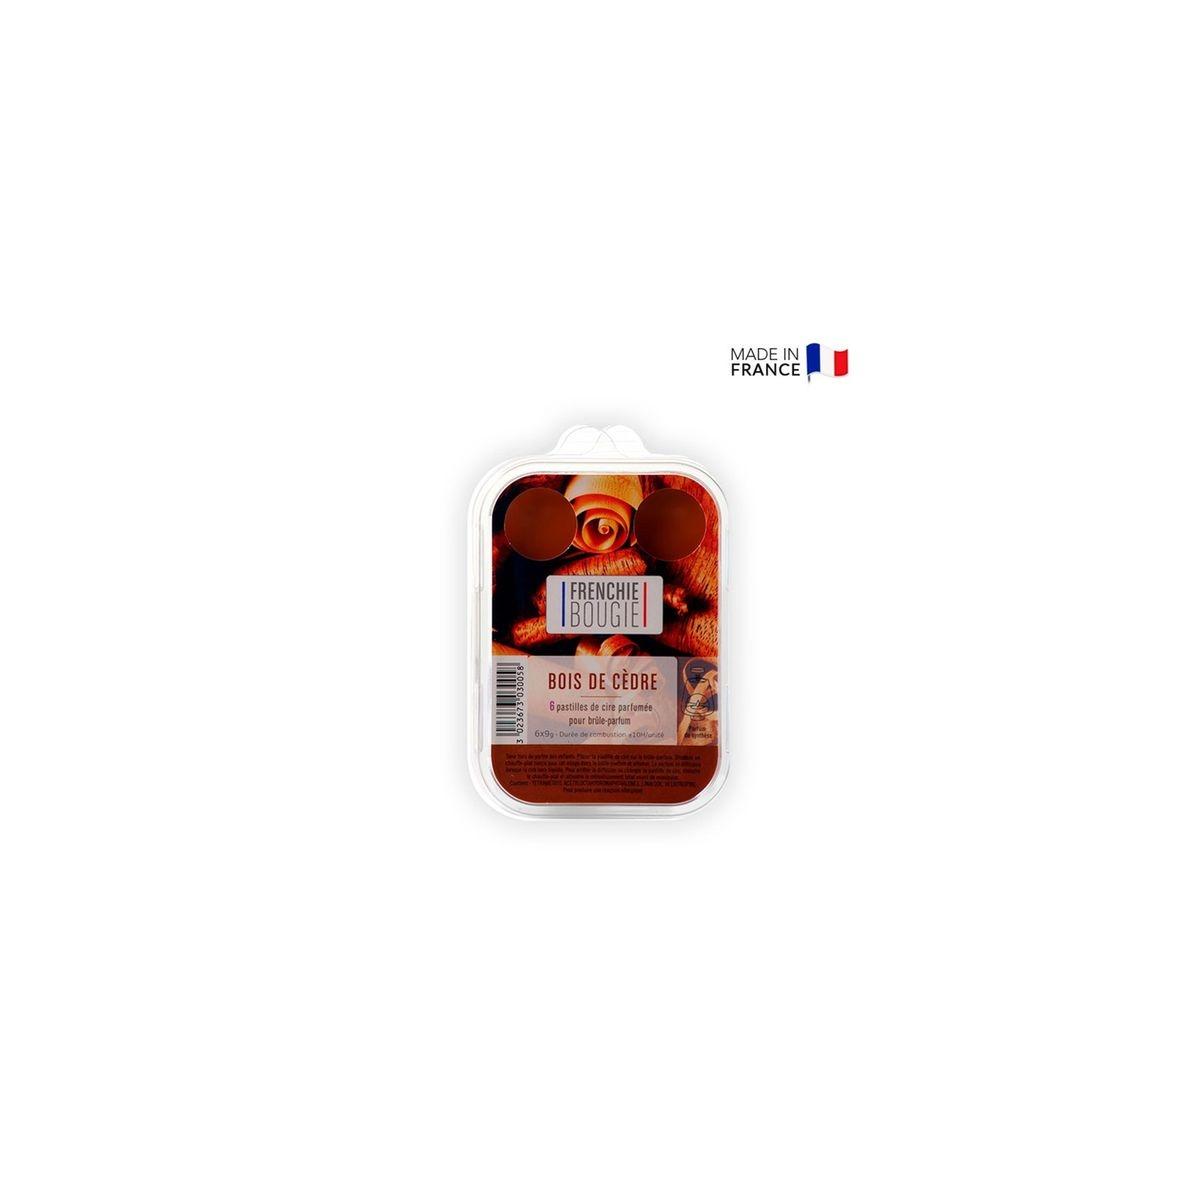 Boîte de 6 pastilles de cire parfumée 10h bois de cèdre